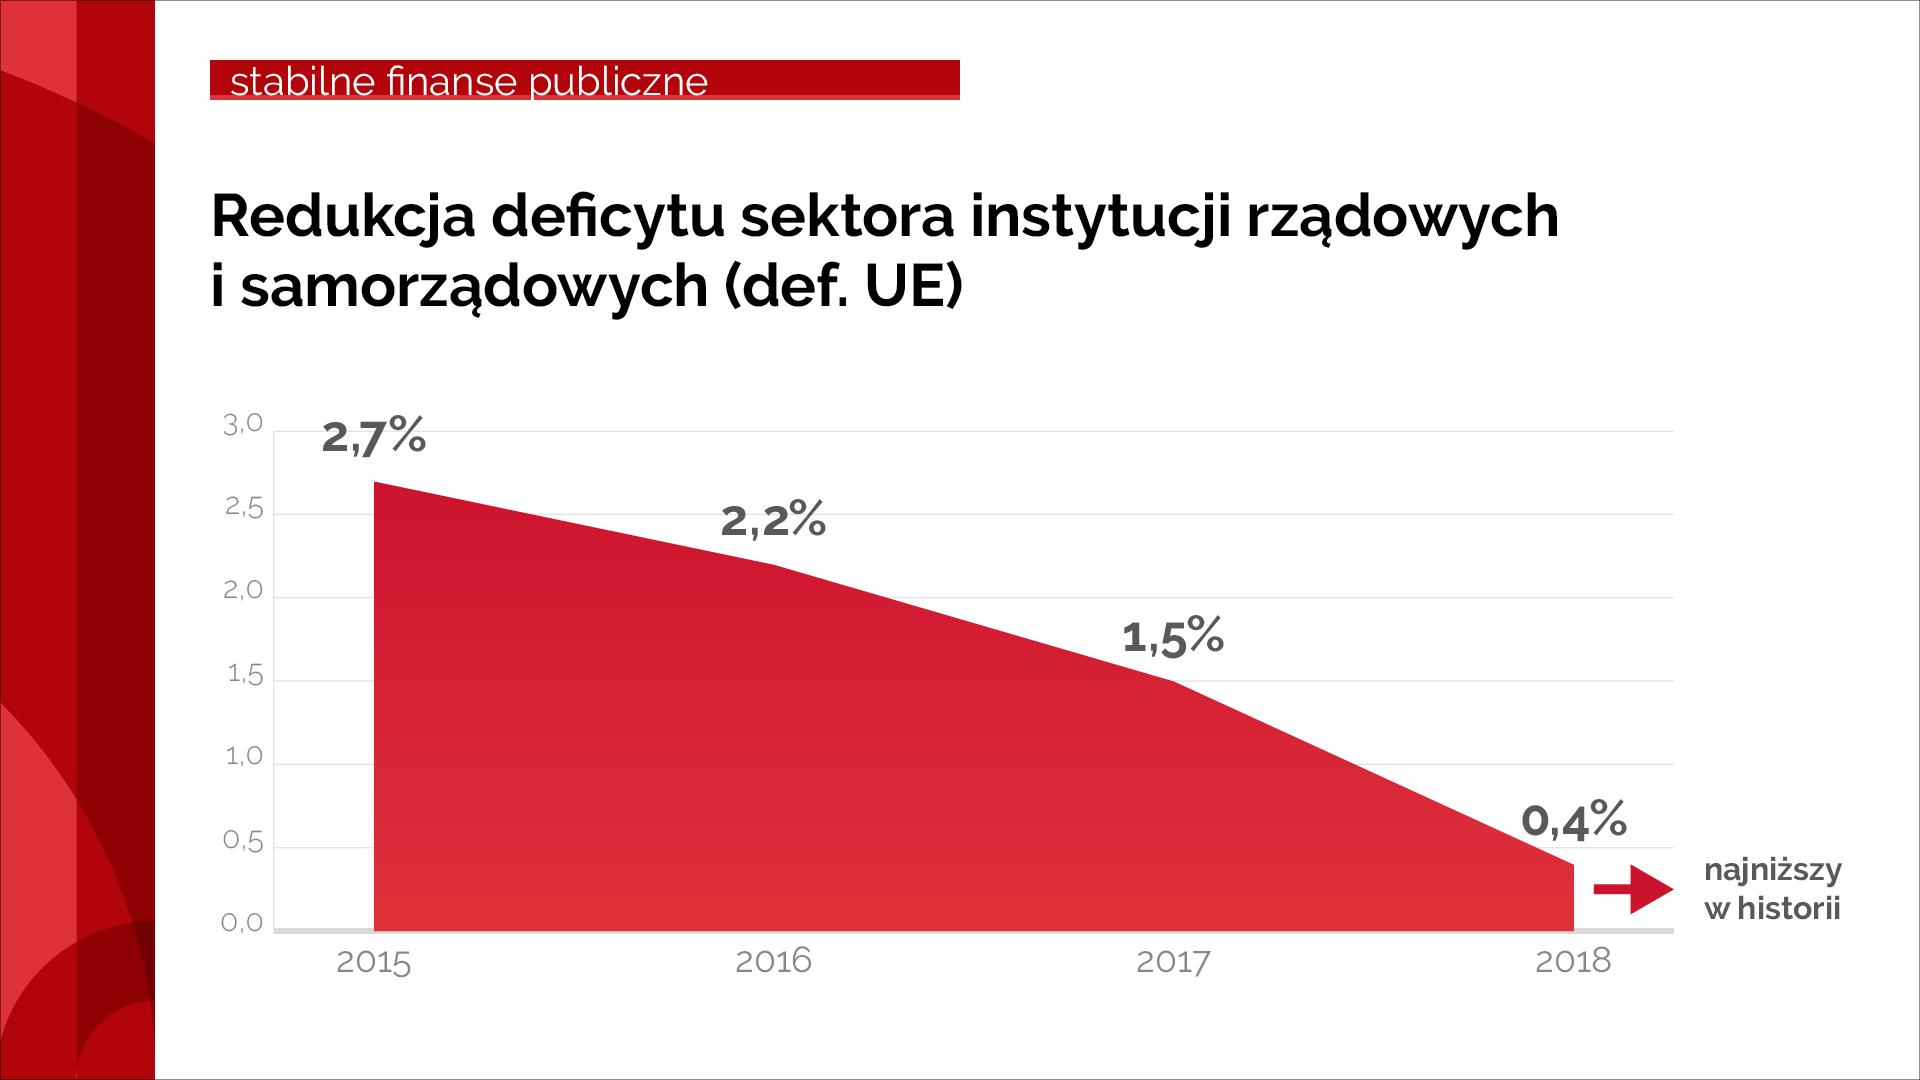 Wykres obrazujący spadek deficytu od 2015 do 2018 r.